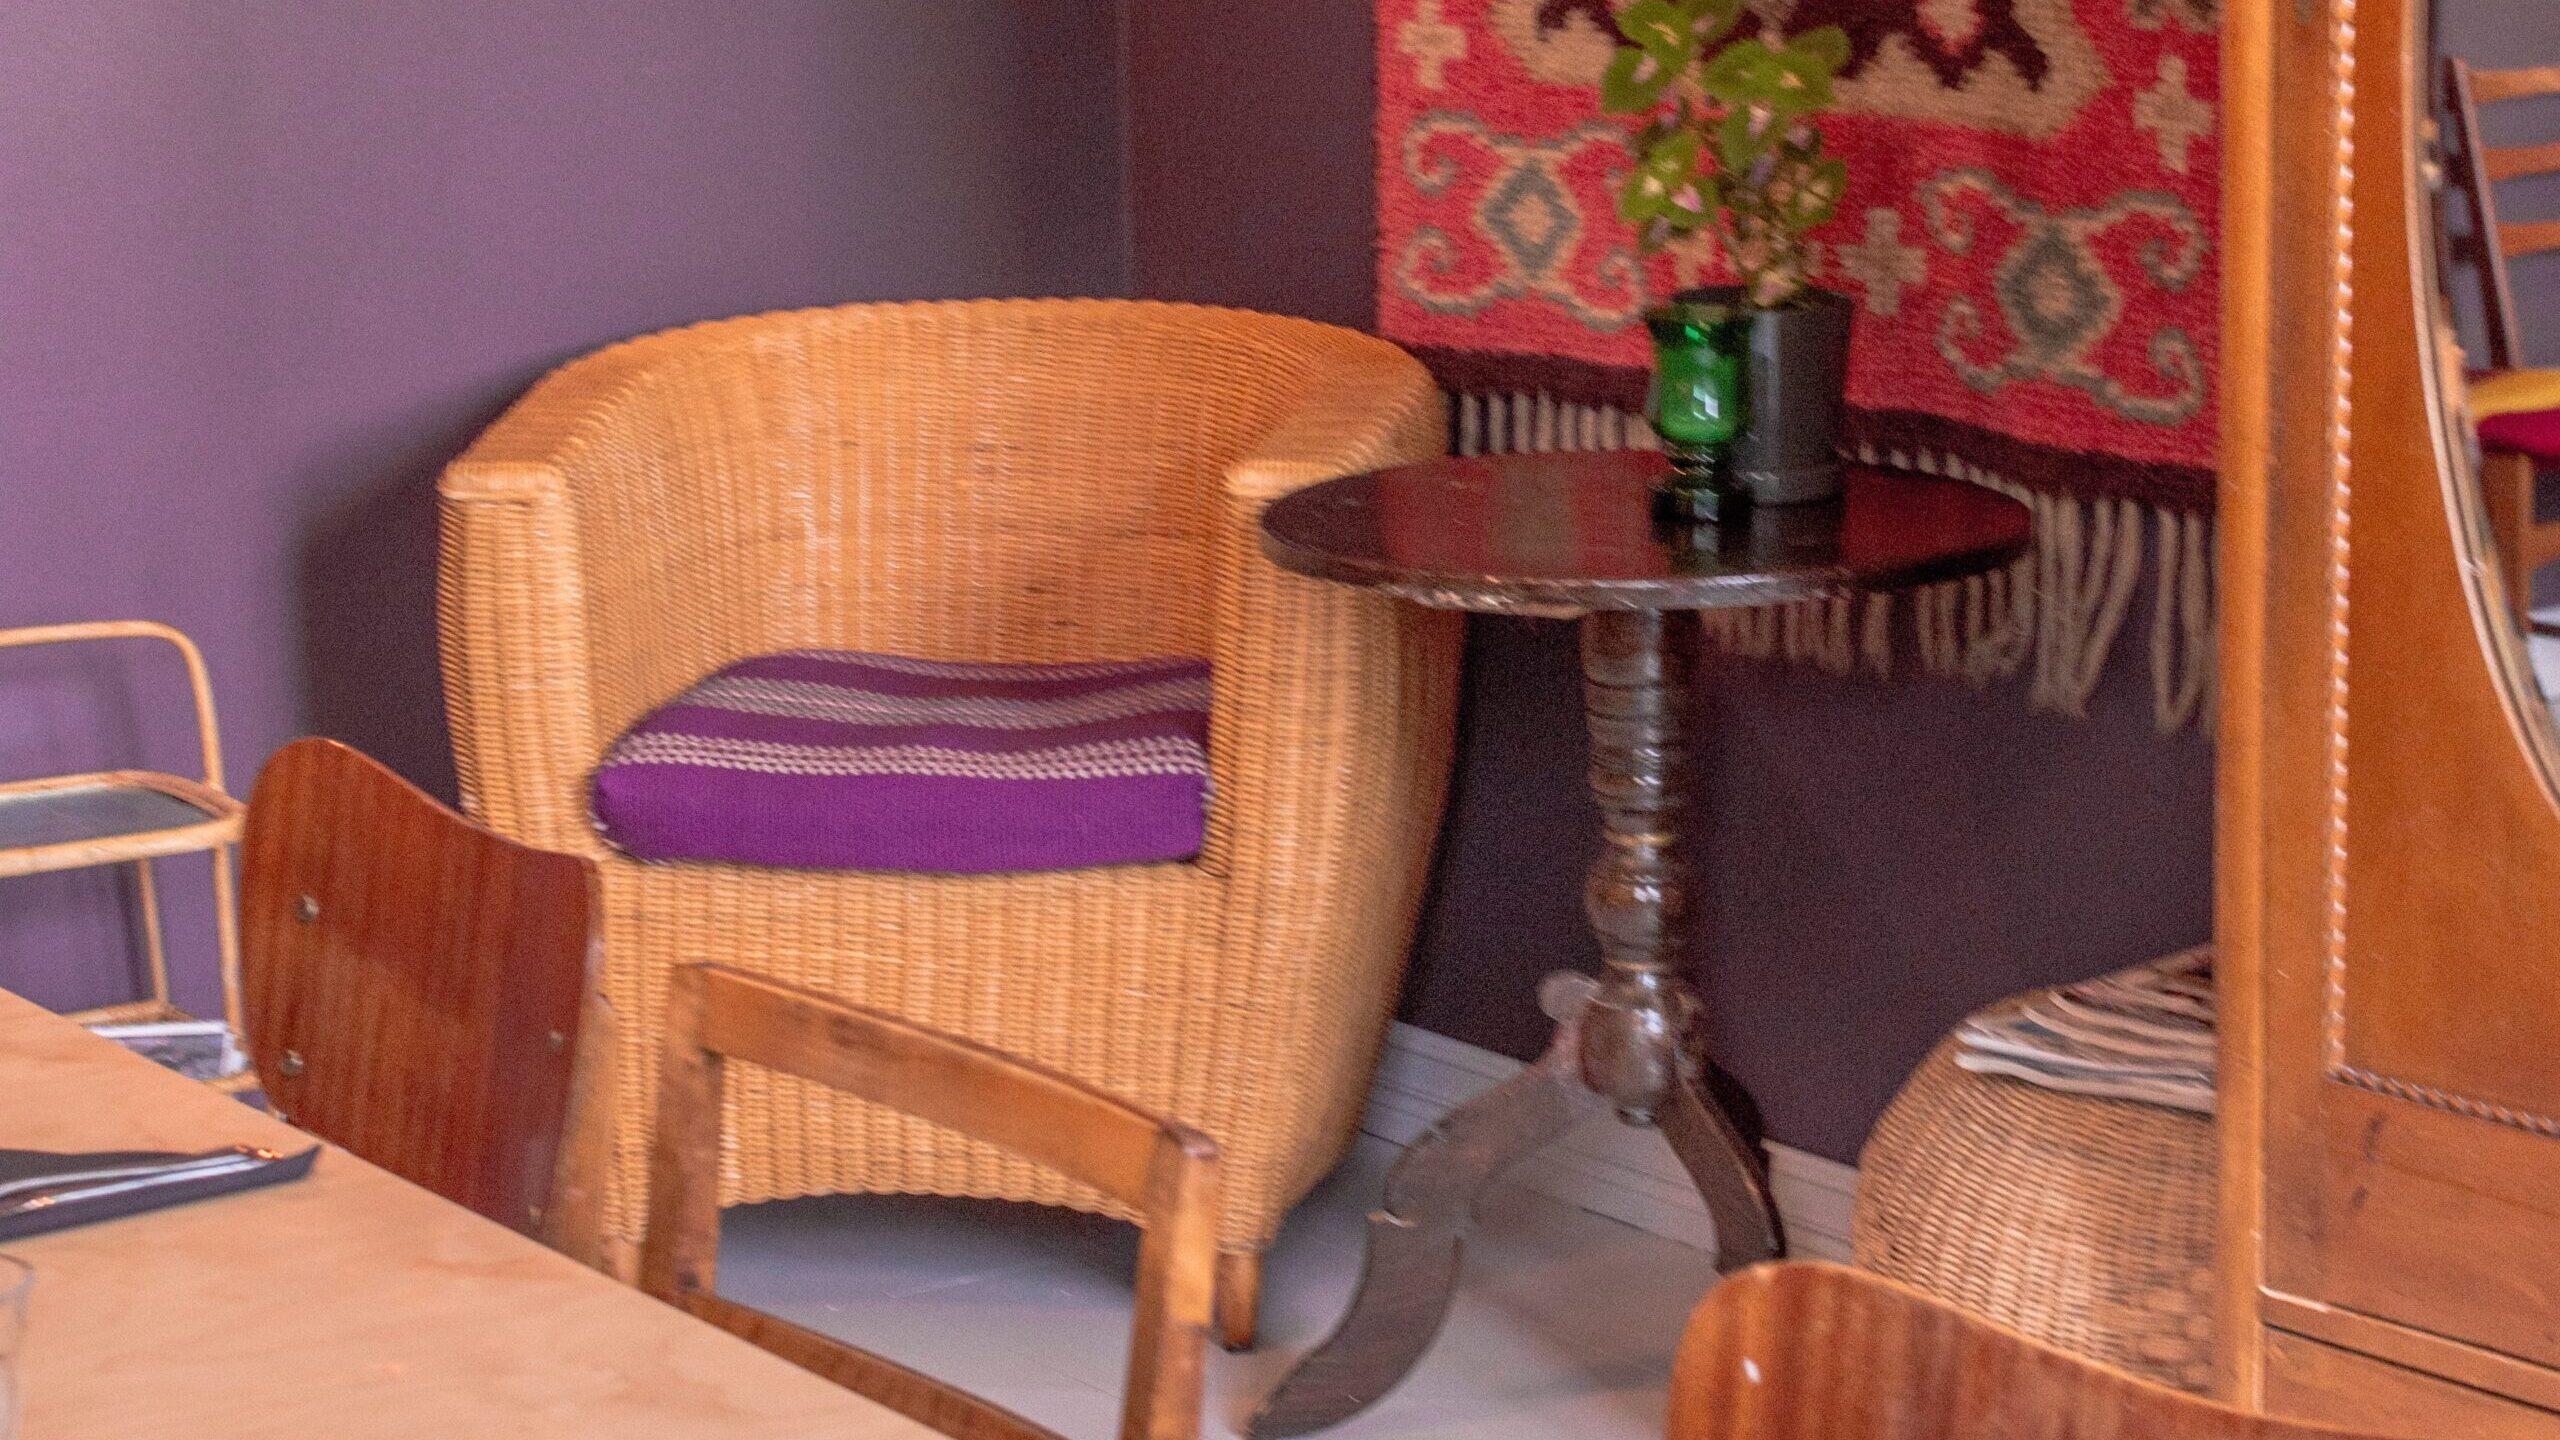 Muebles reparados tienen su propio estilo